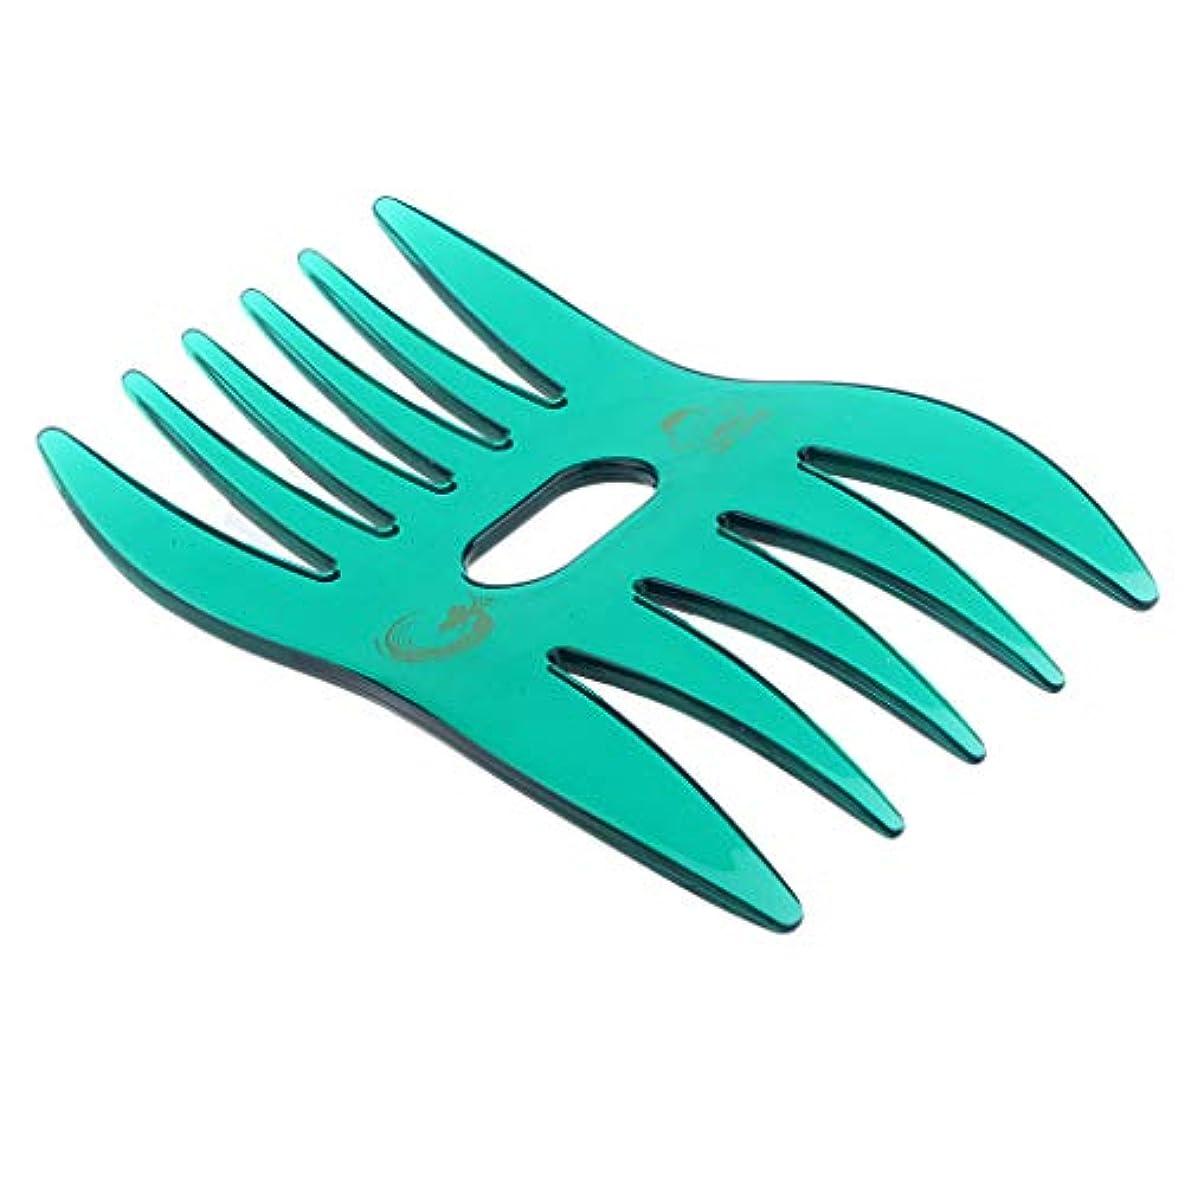 メイト遅れ安らぎヘアコーム デュアルサイド メンズ オイルヘアコン サロン ヘアスタイル 4色選べ - 緑